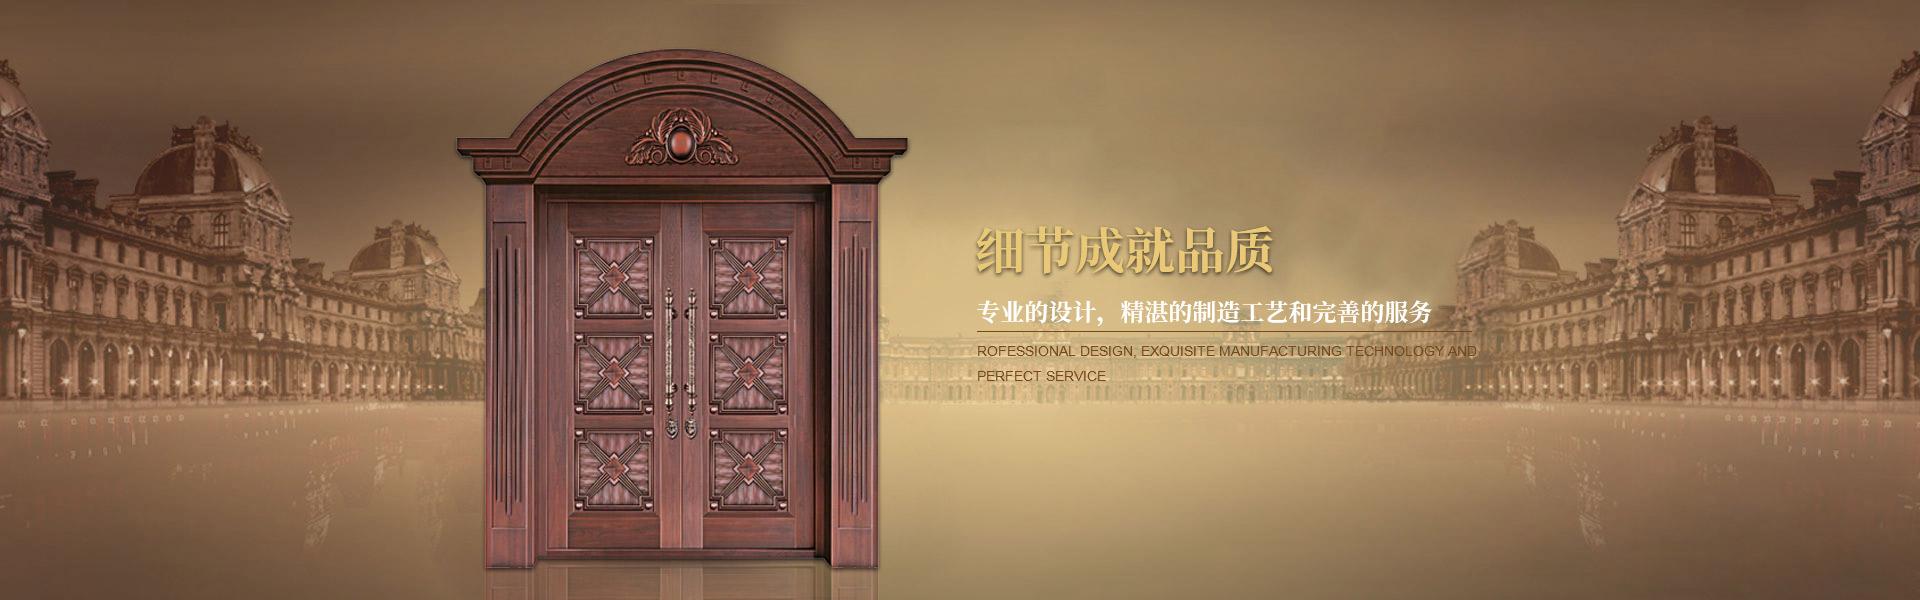 成都定制铜门